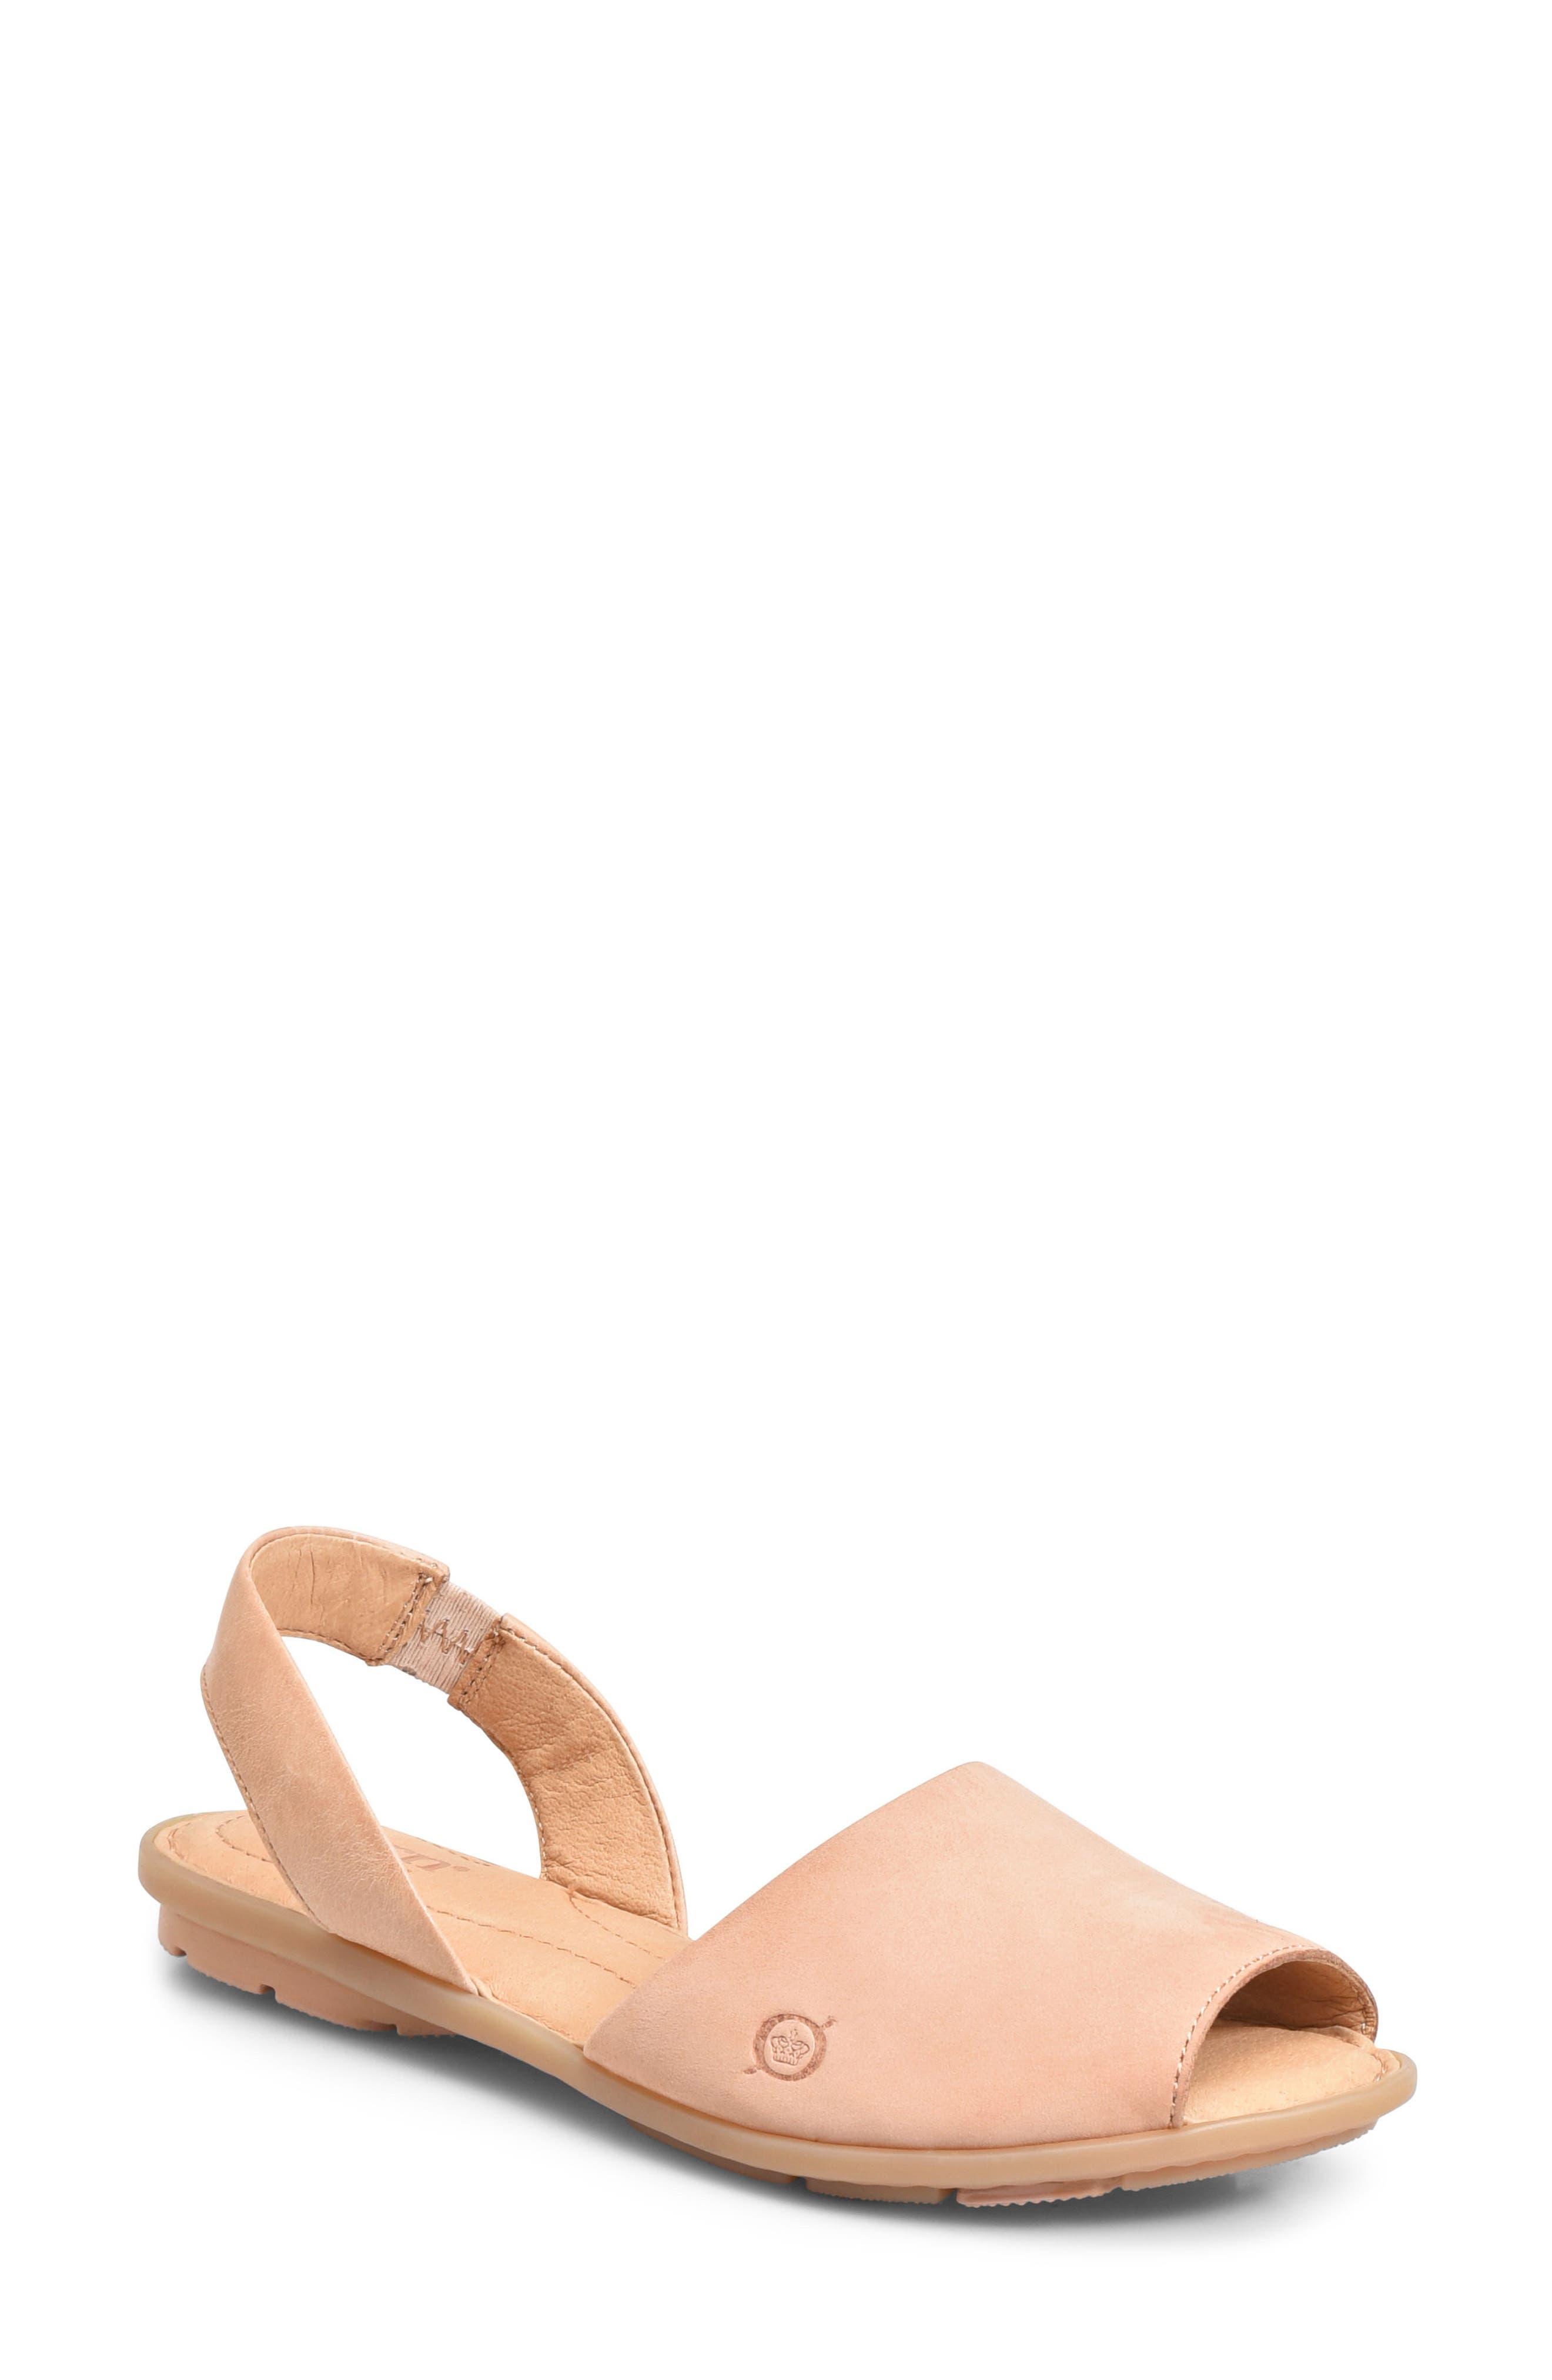 Trang Sandal,                         Main,                         color, BLUSH LEATHER